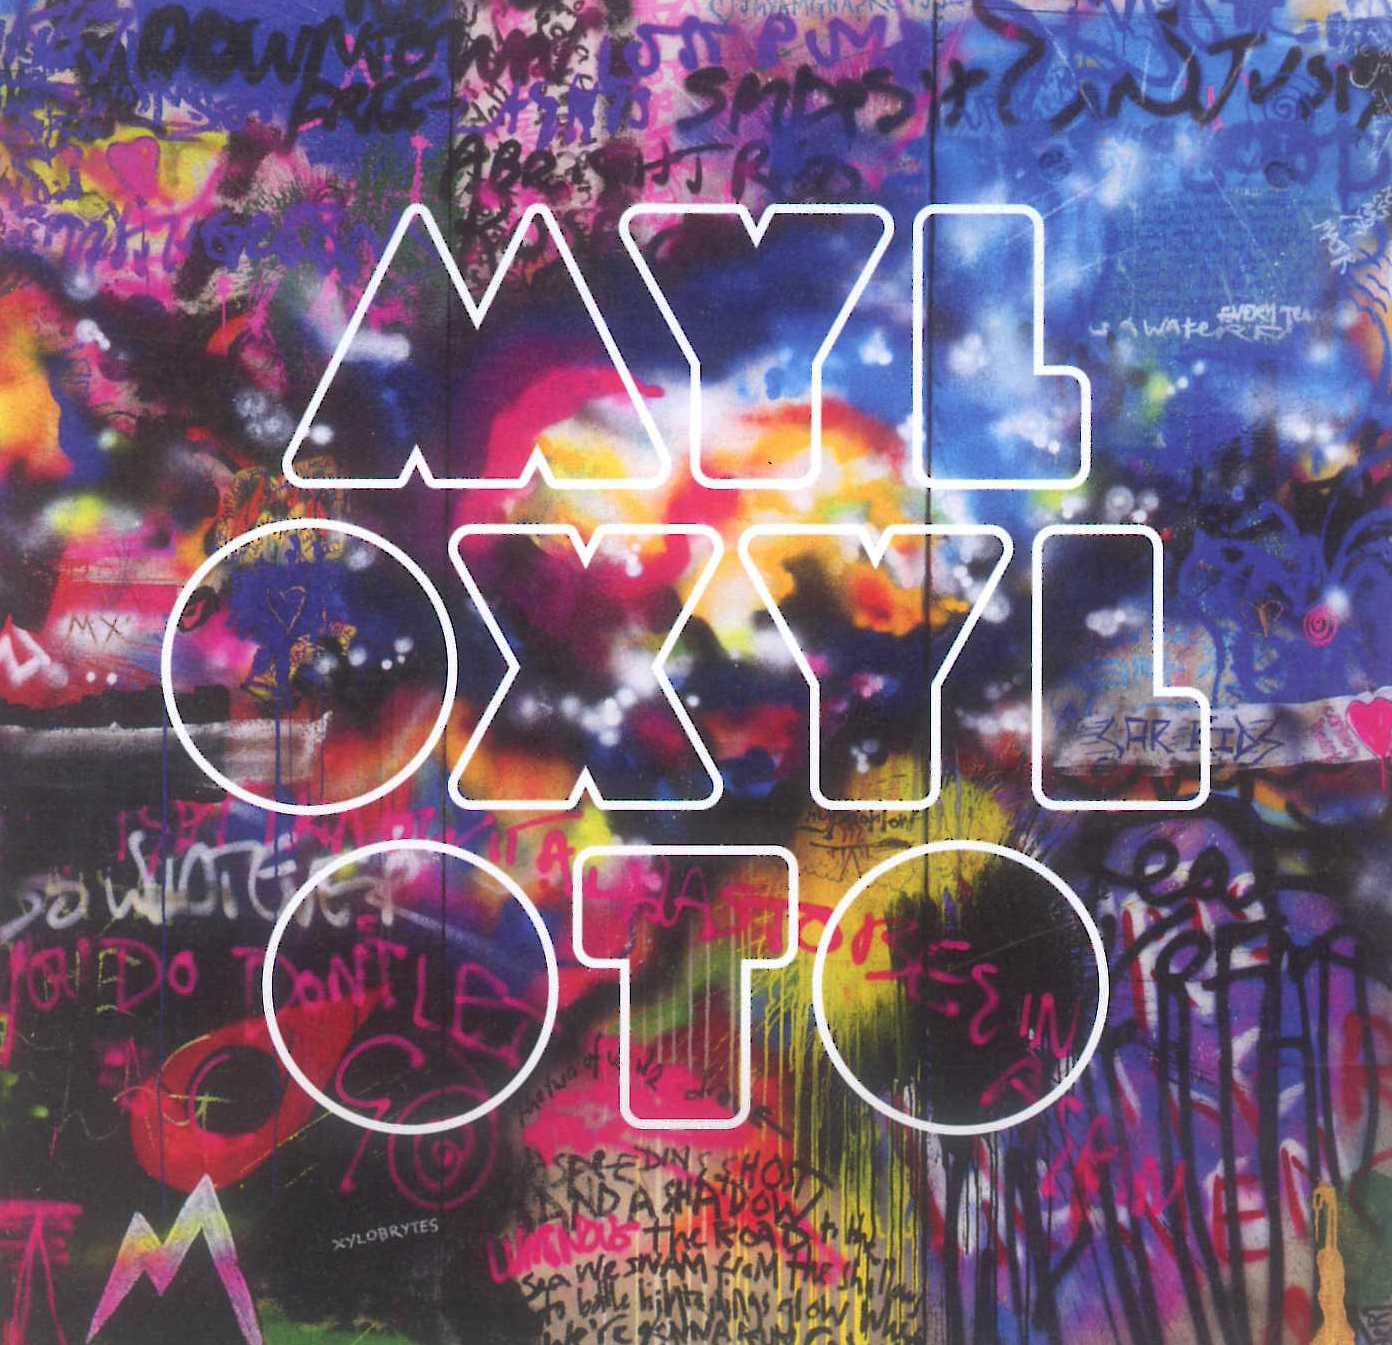 Mylo xyloto